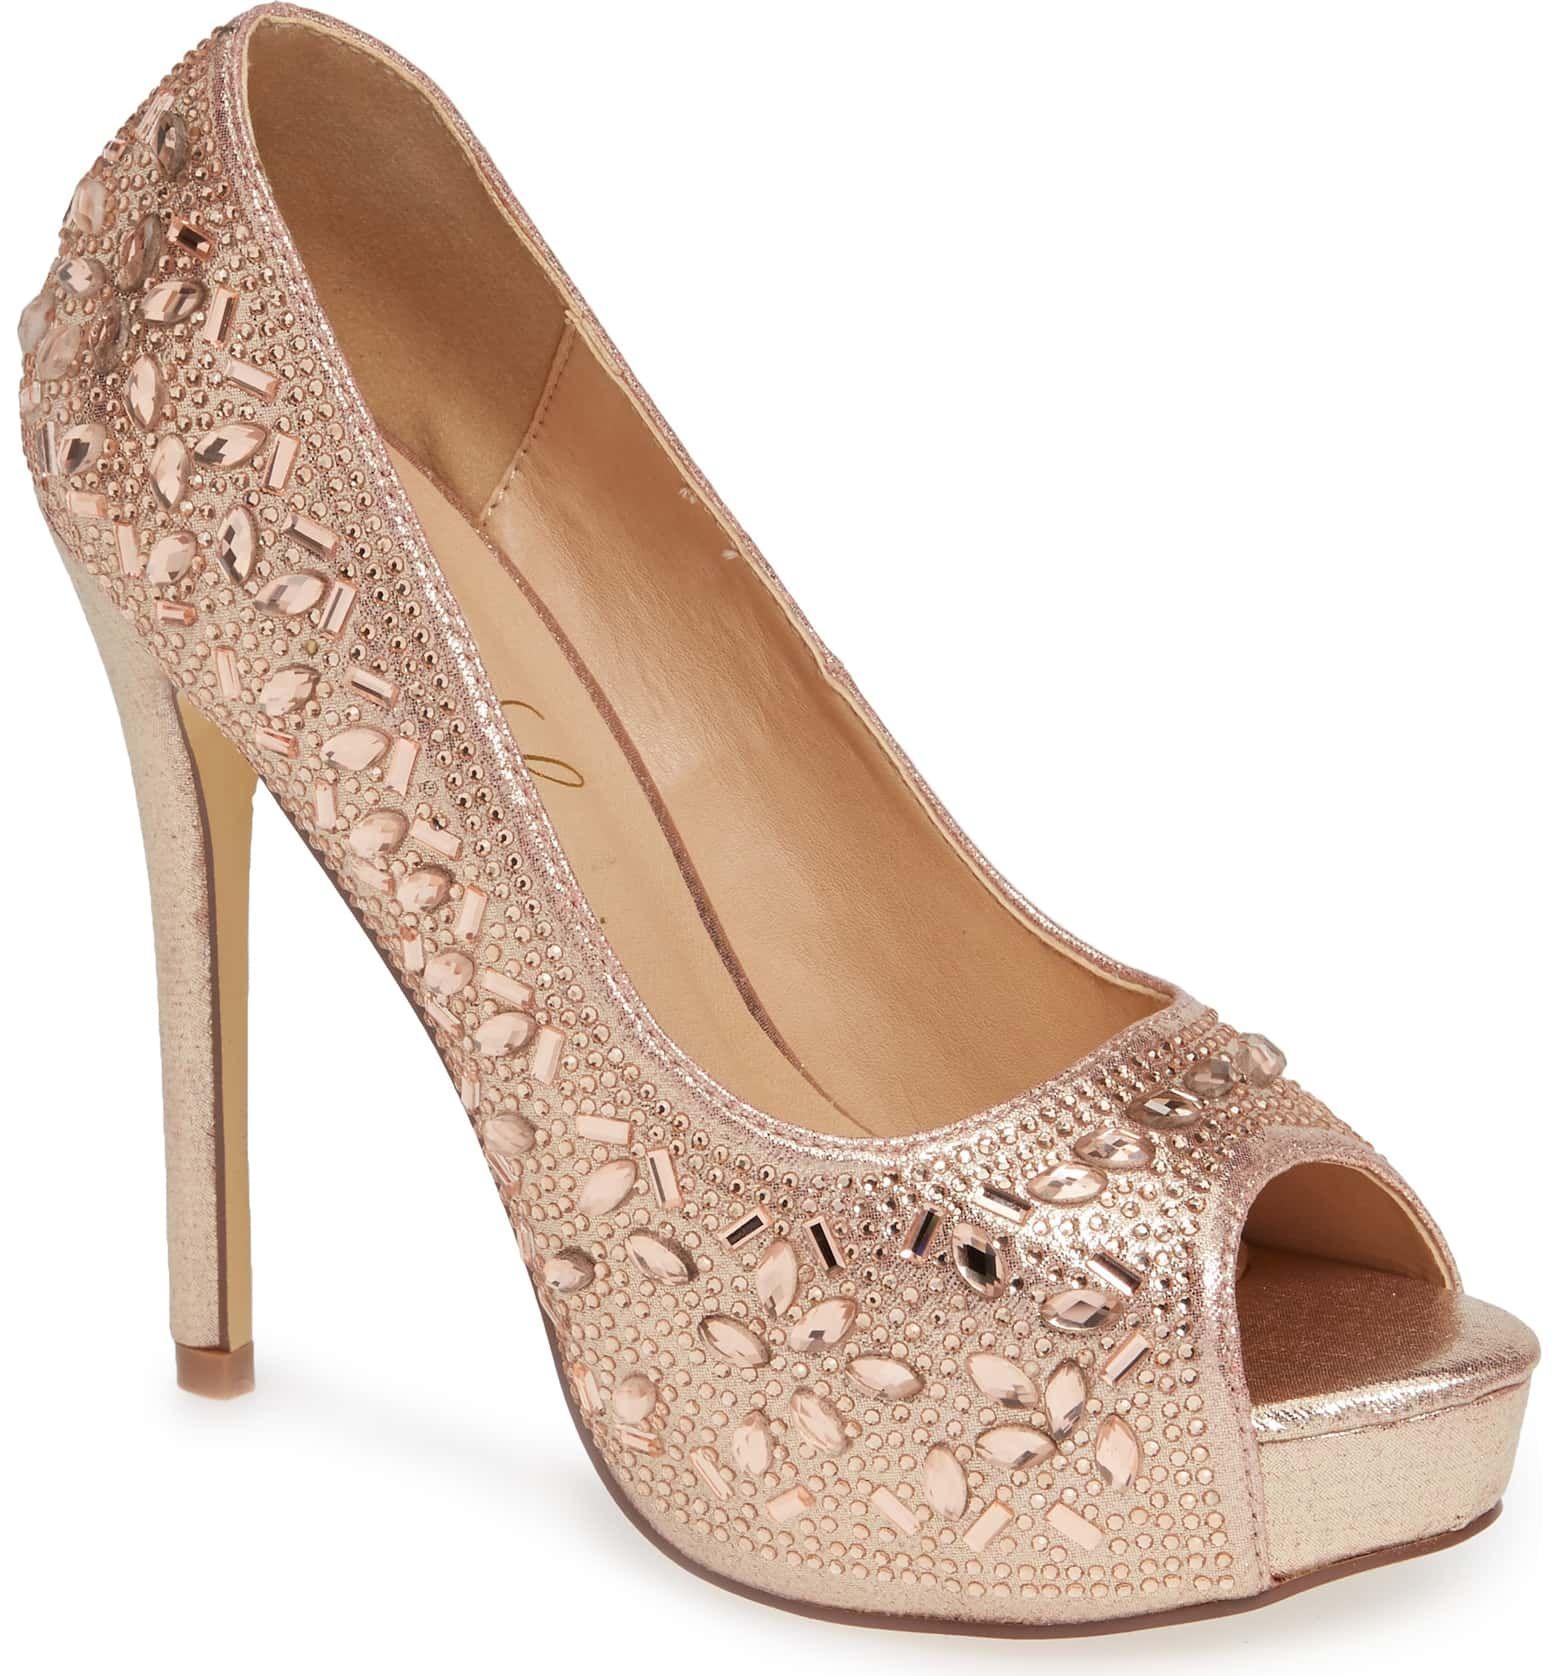 Silver Sparkle 4 Peep Toe Heels by Lauren Lorraine